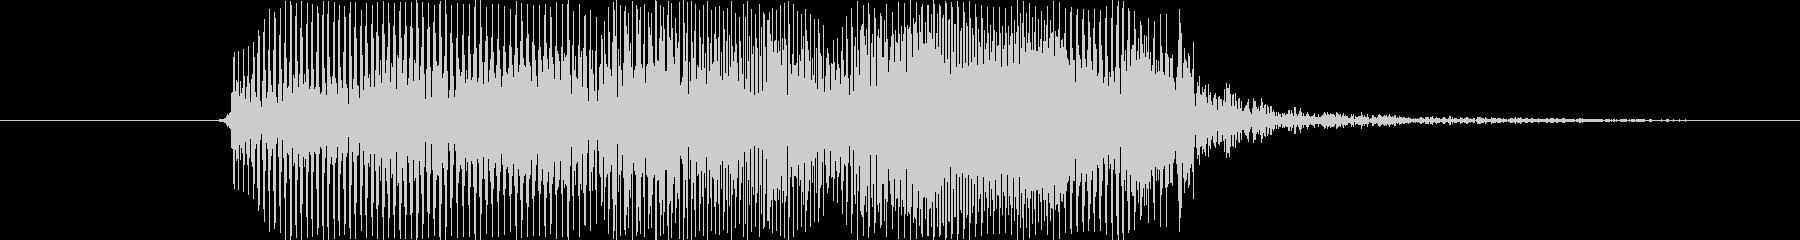 鳴き声 男性の恐ろしい悲鳴高02の未再生の波形